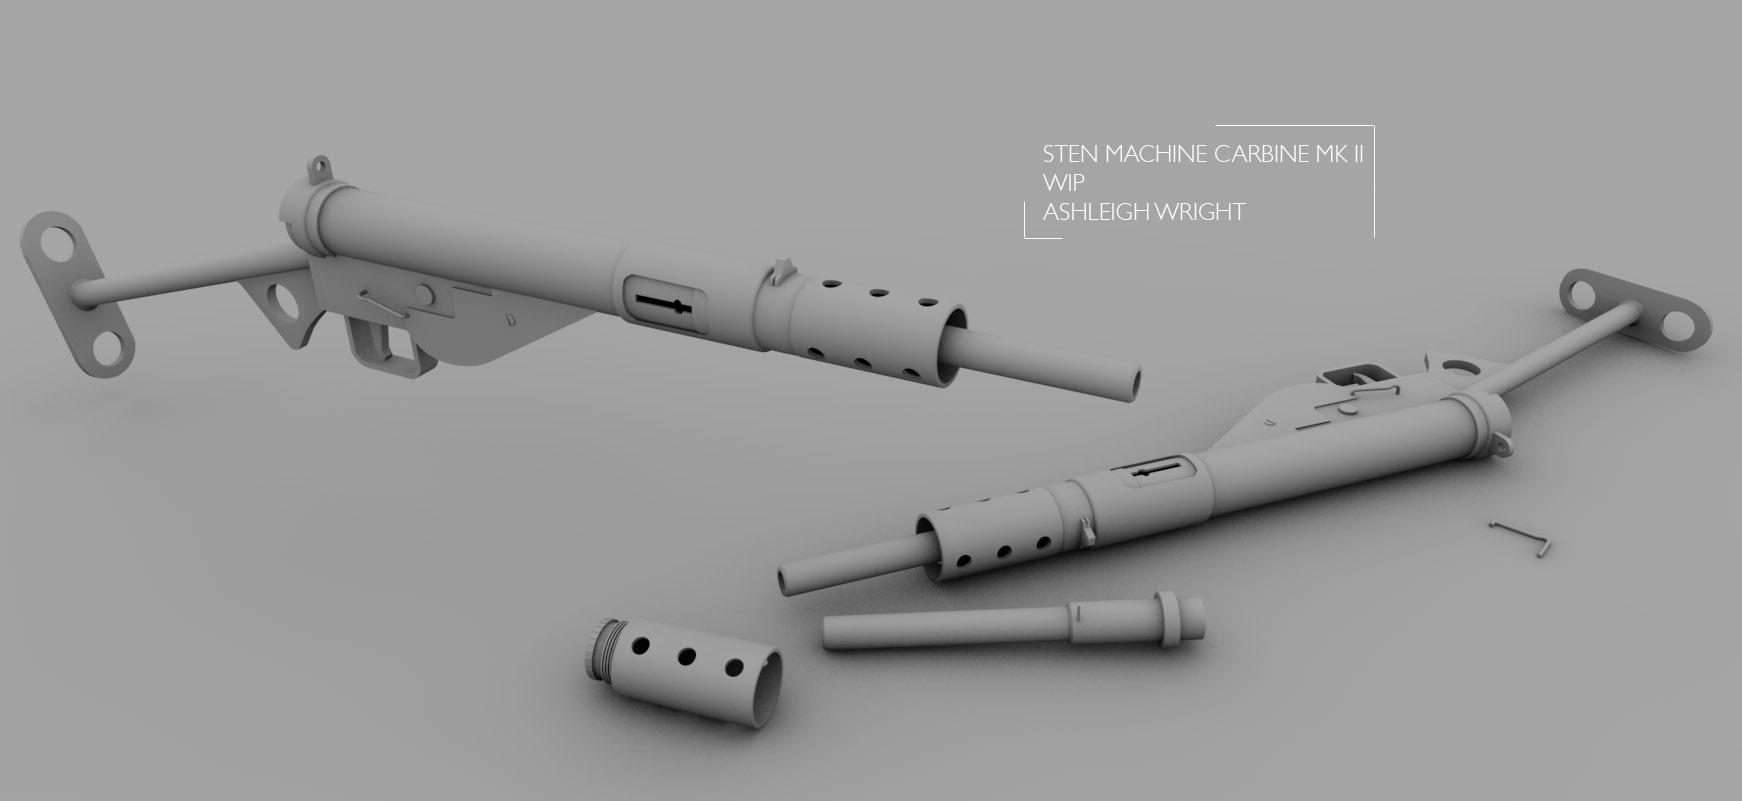 Original Literature For Sten Submachine Gun Help With A 3d Model